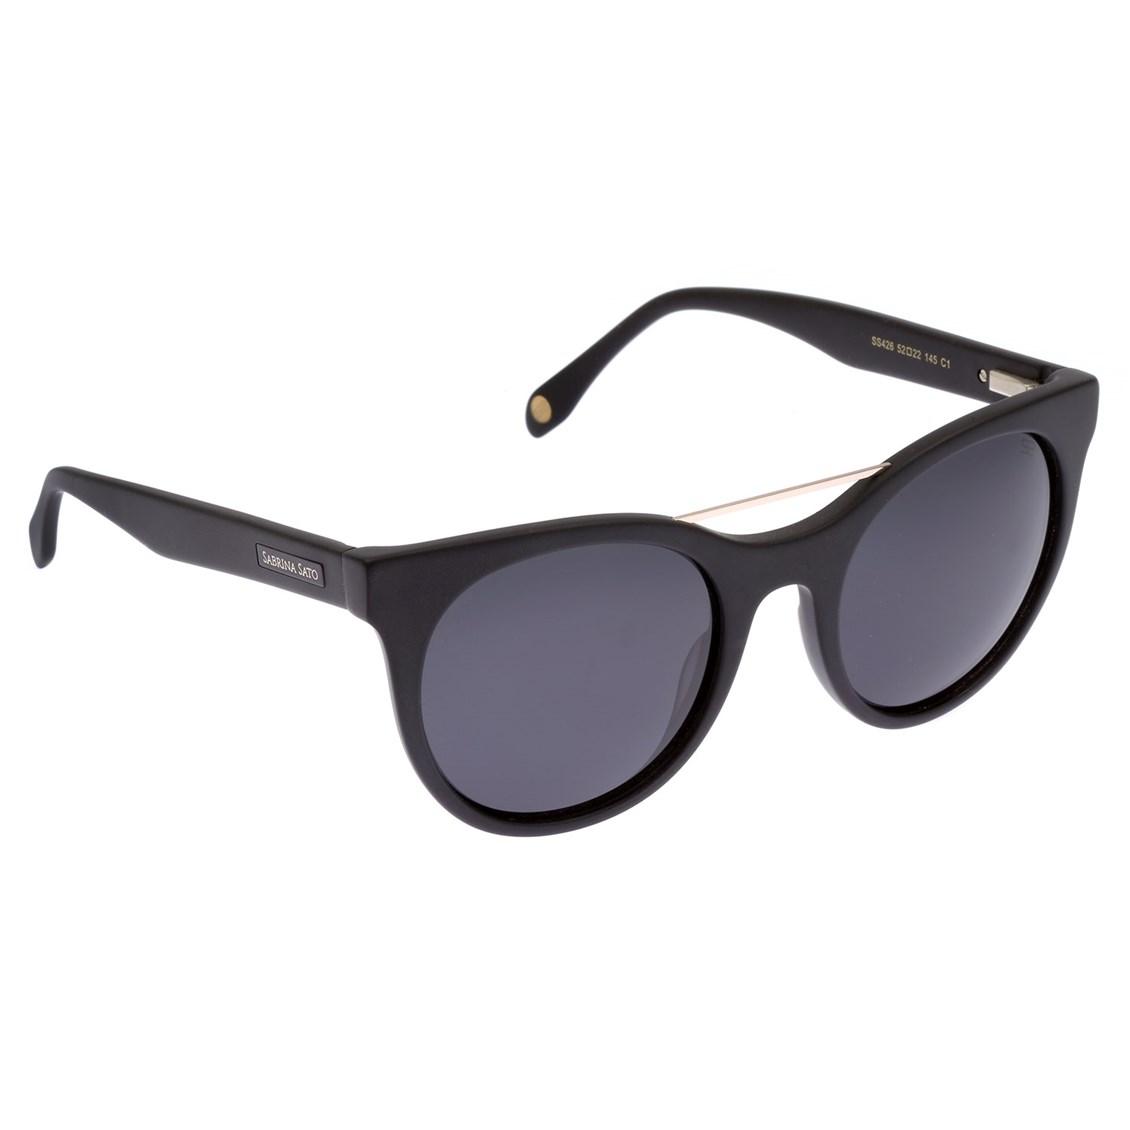 Óculos de Sol Sabrina Sato SS426 C1-52